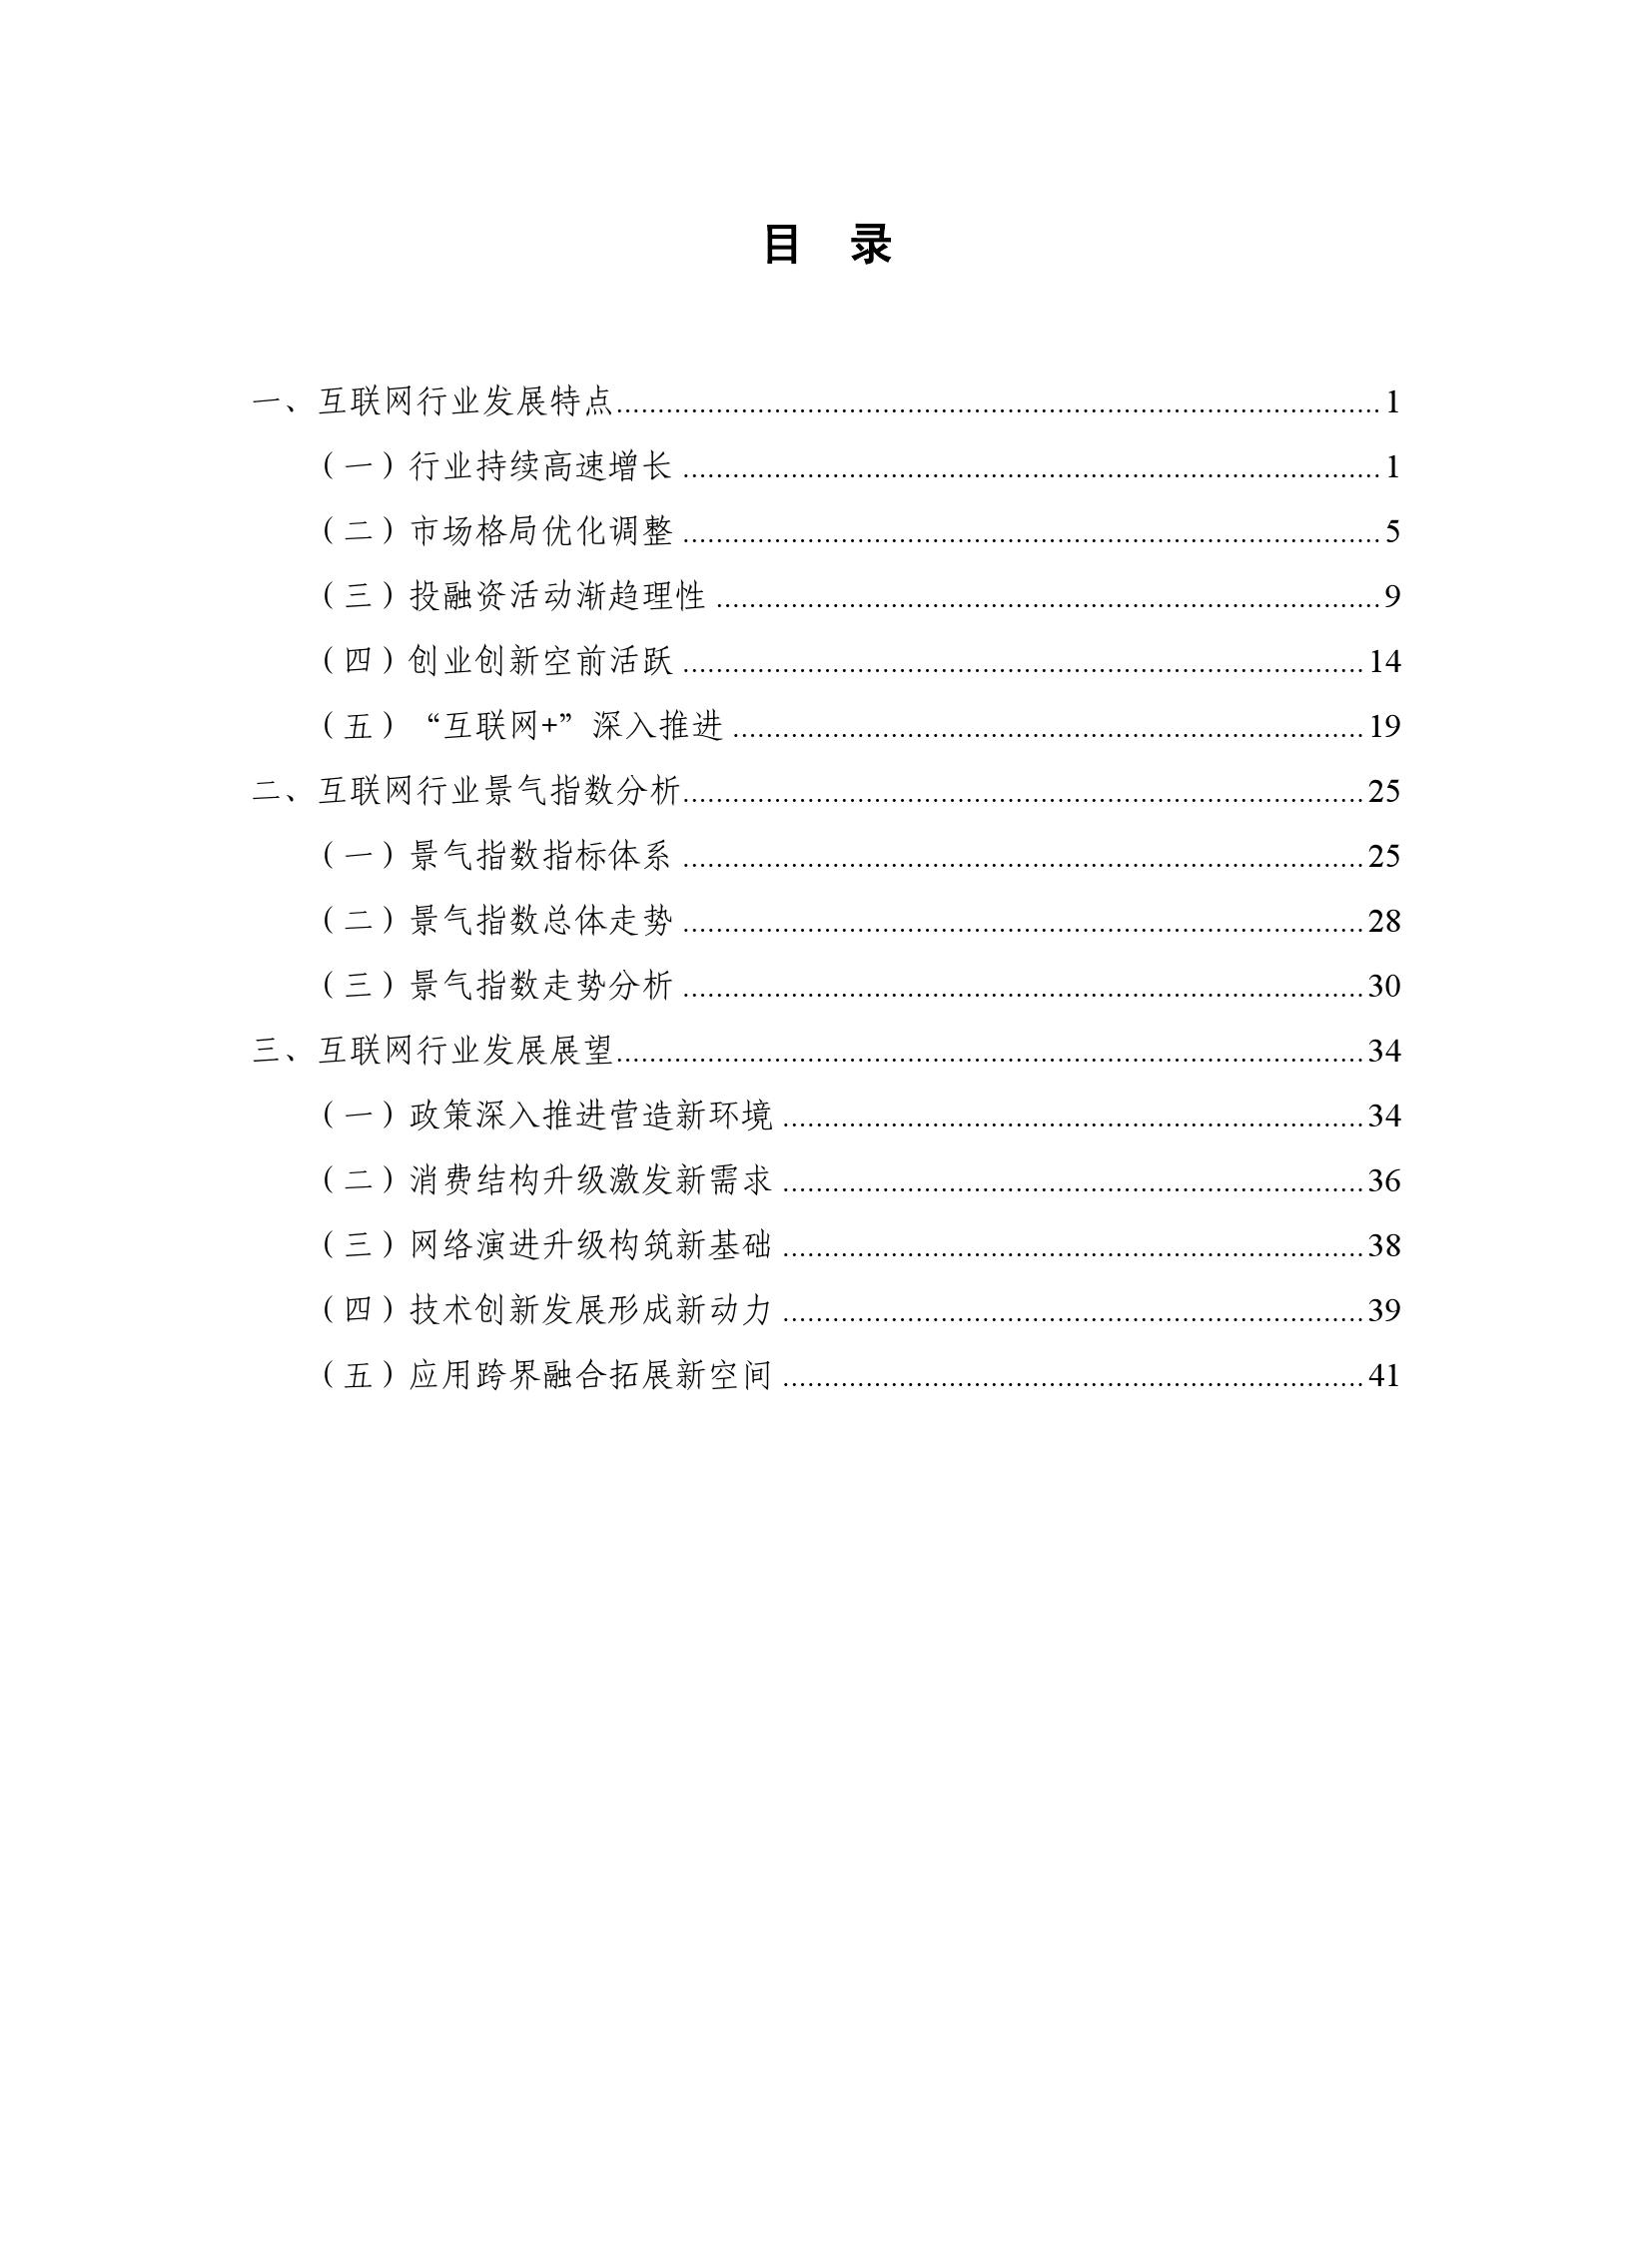 2016年中国互联网行业发展态势暨景气指数报告_000004